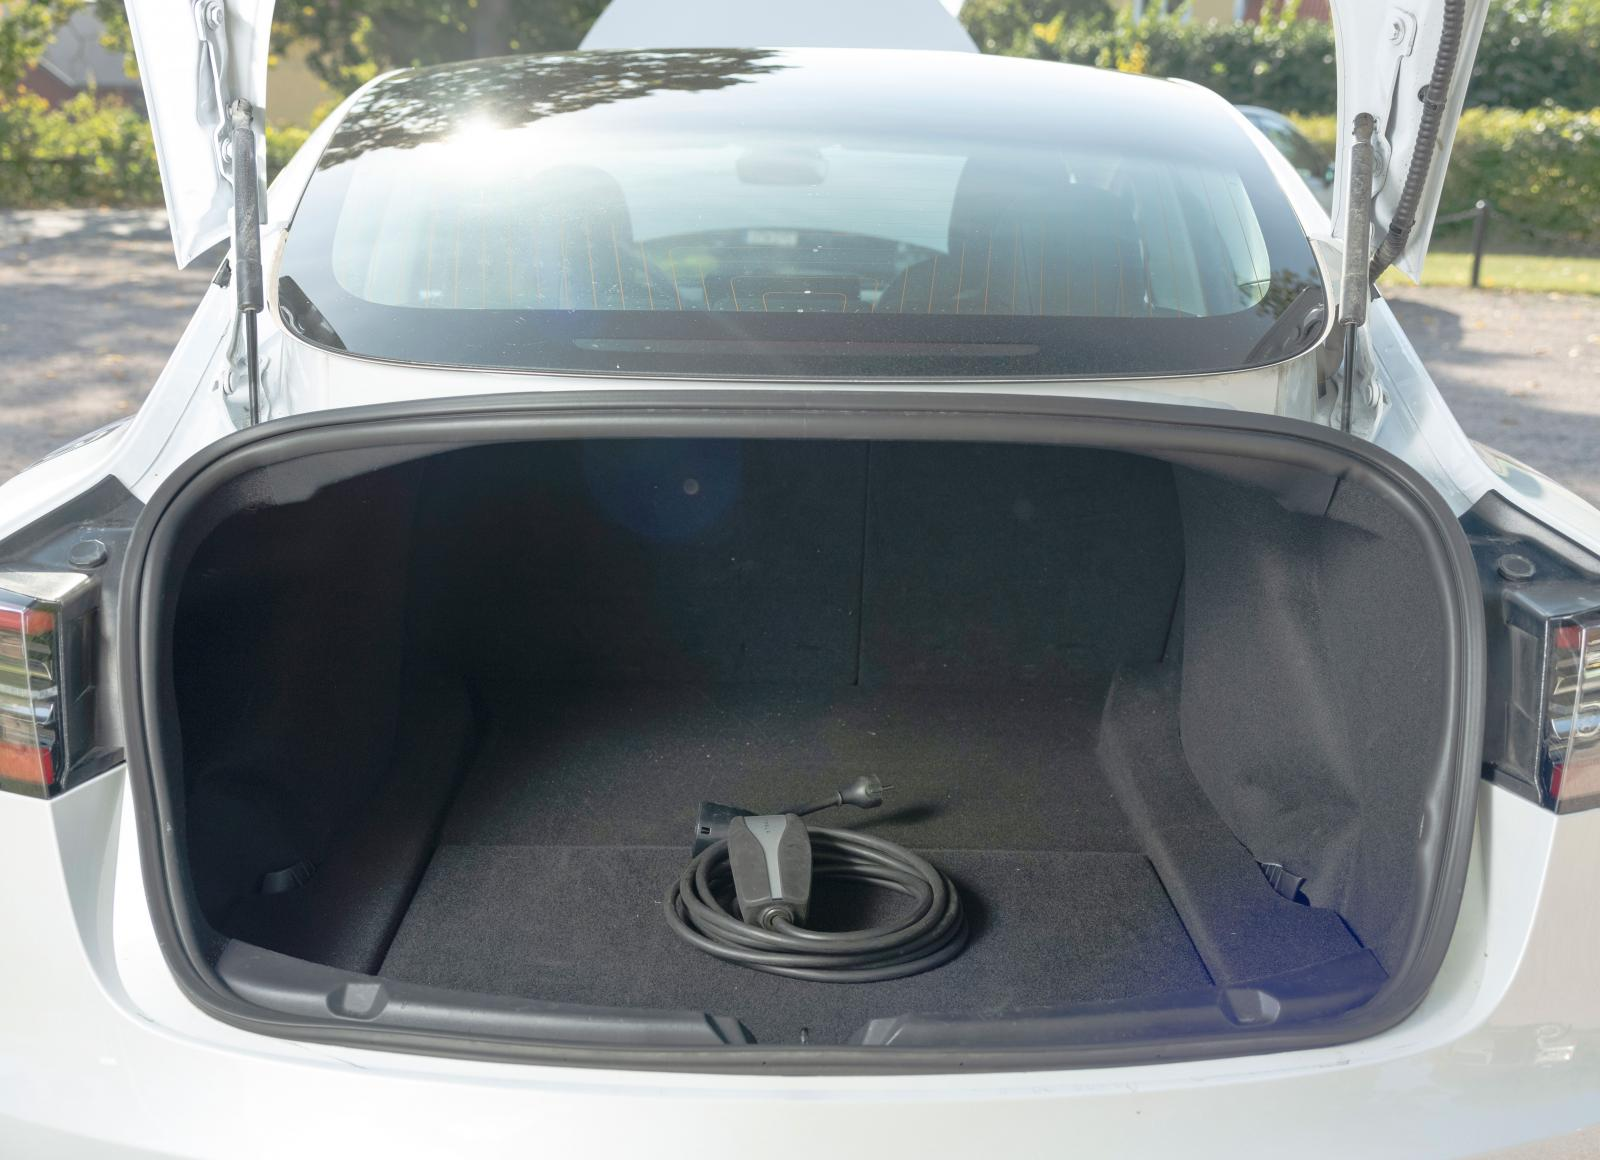 Man får sträcka sig rejält för att nå längst in i Teslas bagageutrymme. Eller också får man fälla de bakre ryggstöden från kupén. Lastöglor saknas men under golvet finns fack för sladdar och avtagbar dragkrok.